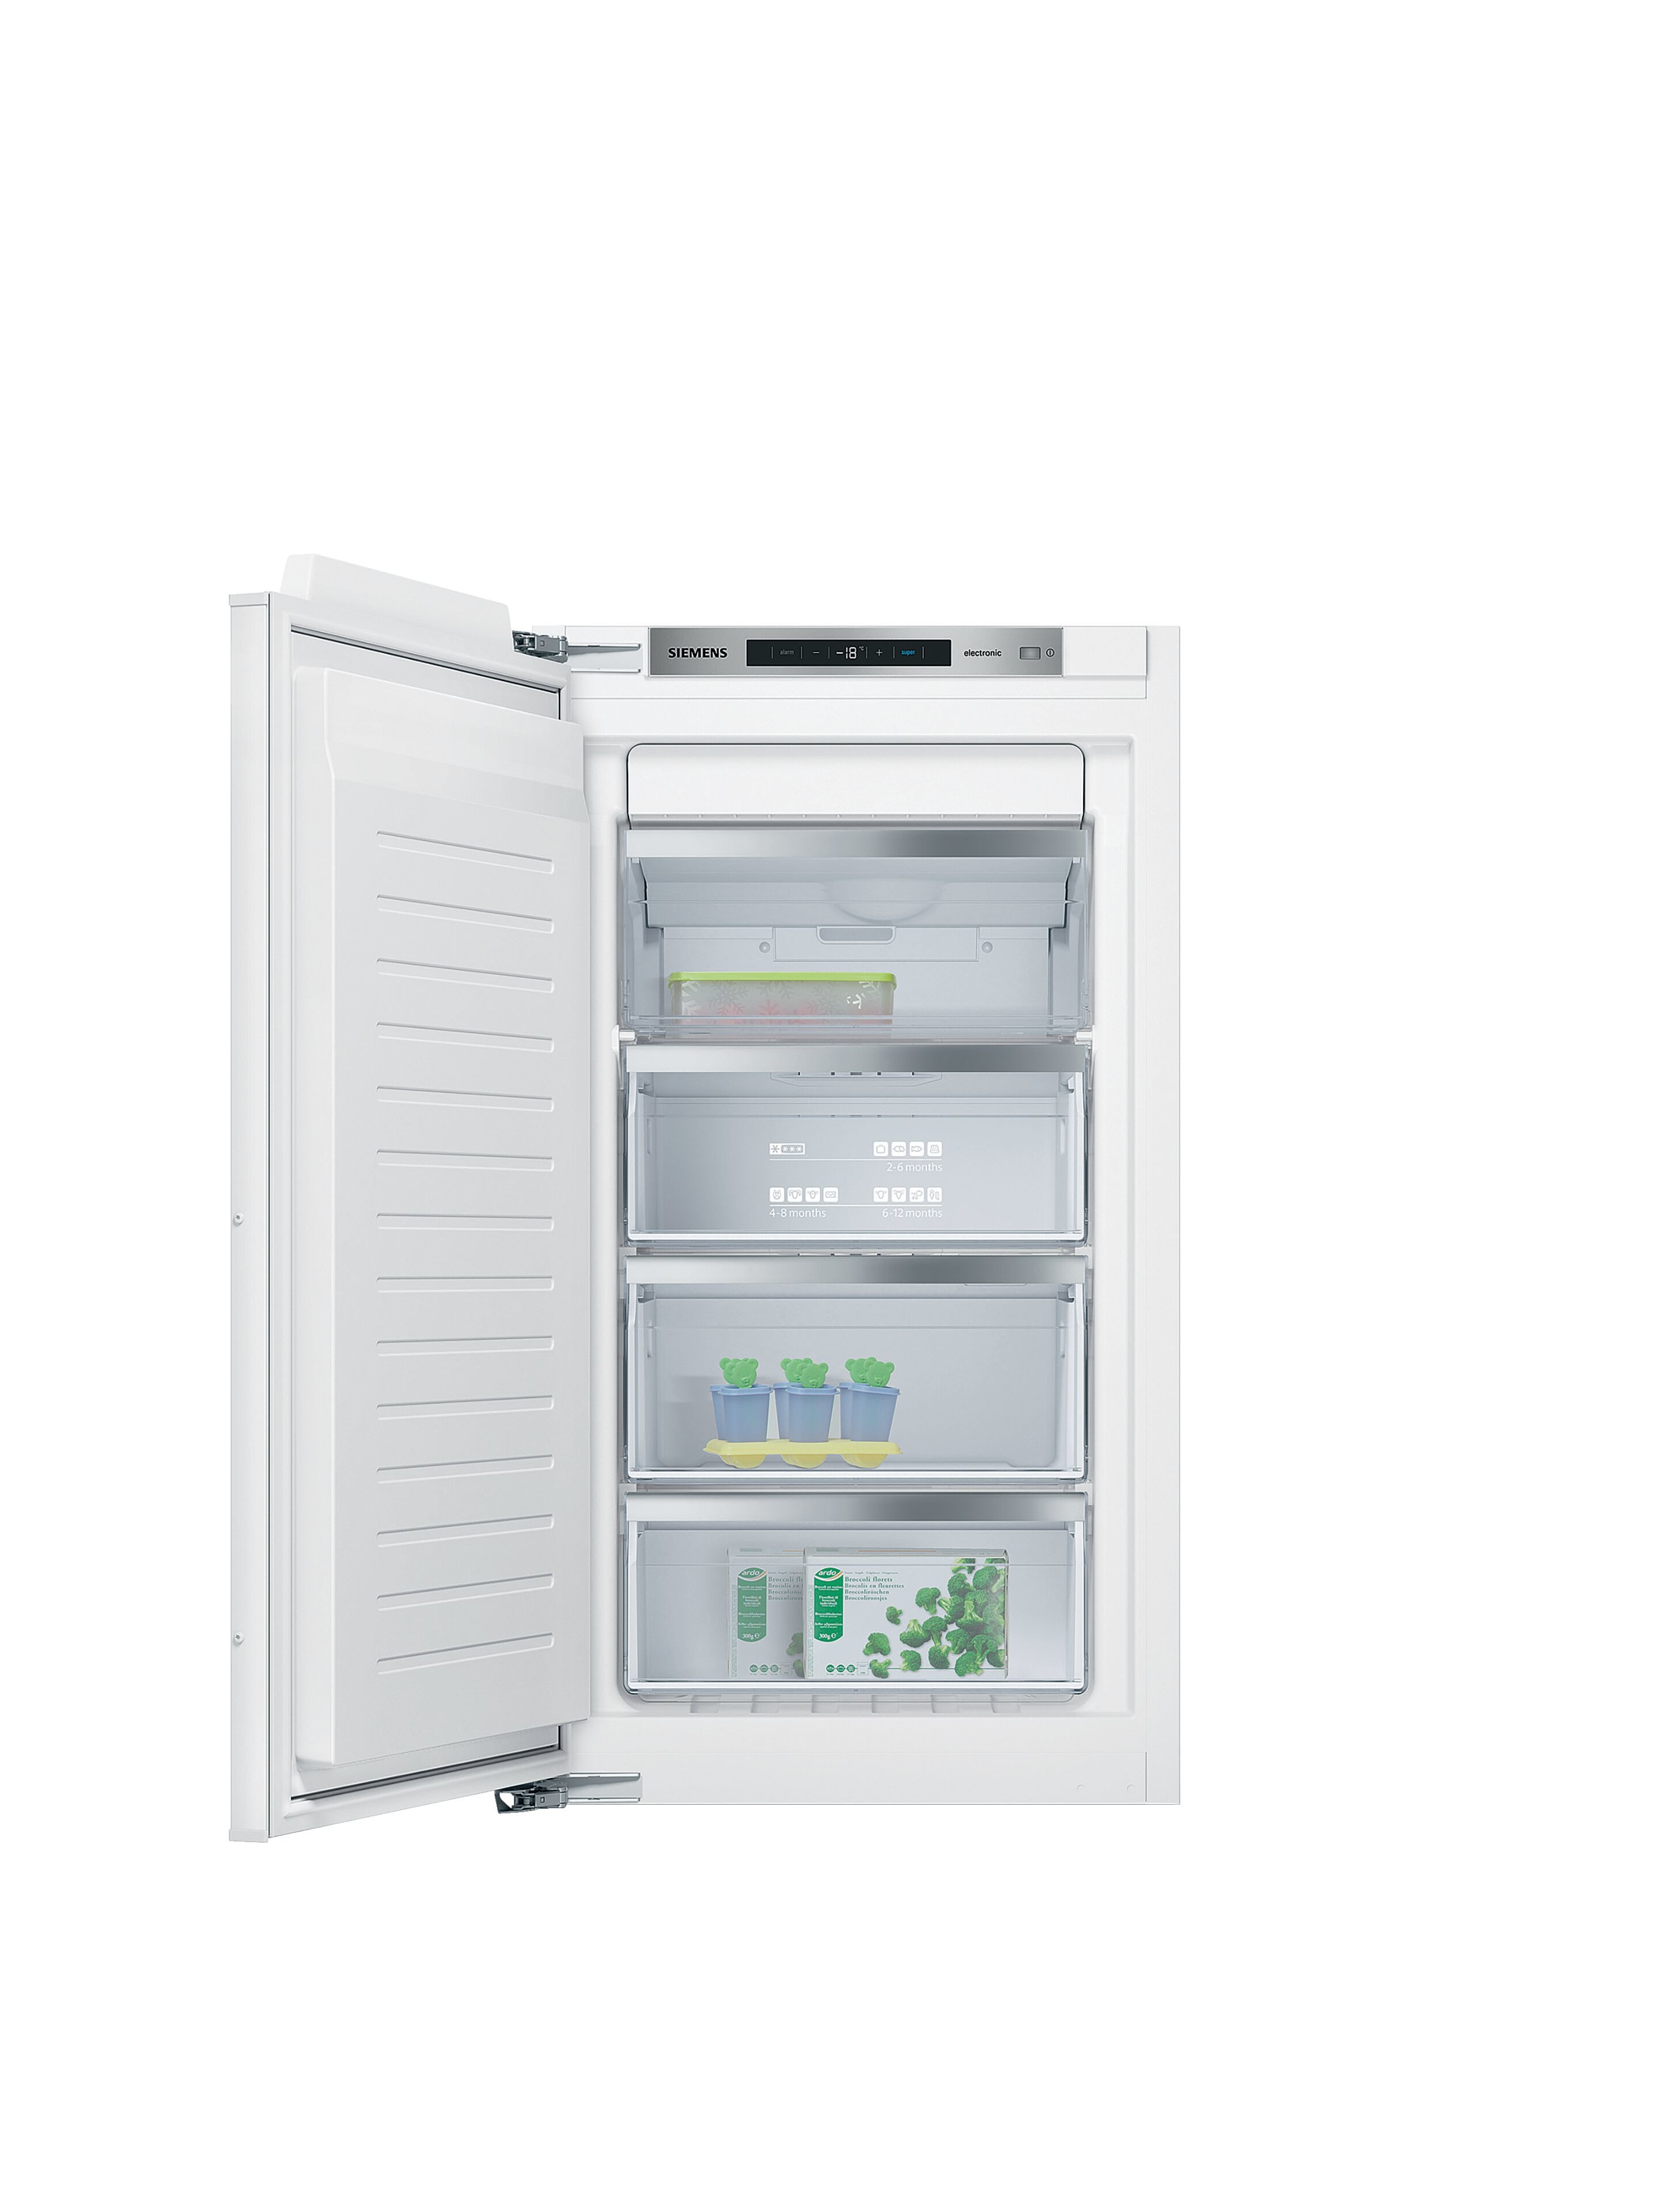 Siemens GI31NACE0 Inbouw vriezer - Prijsvergelijk